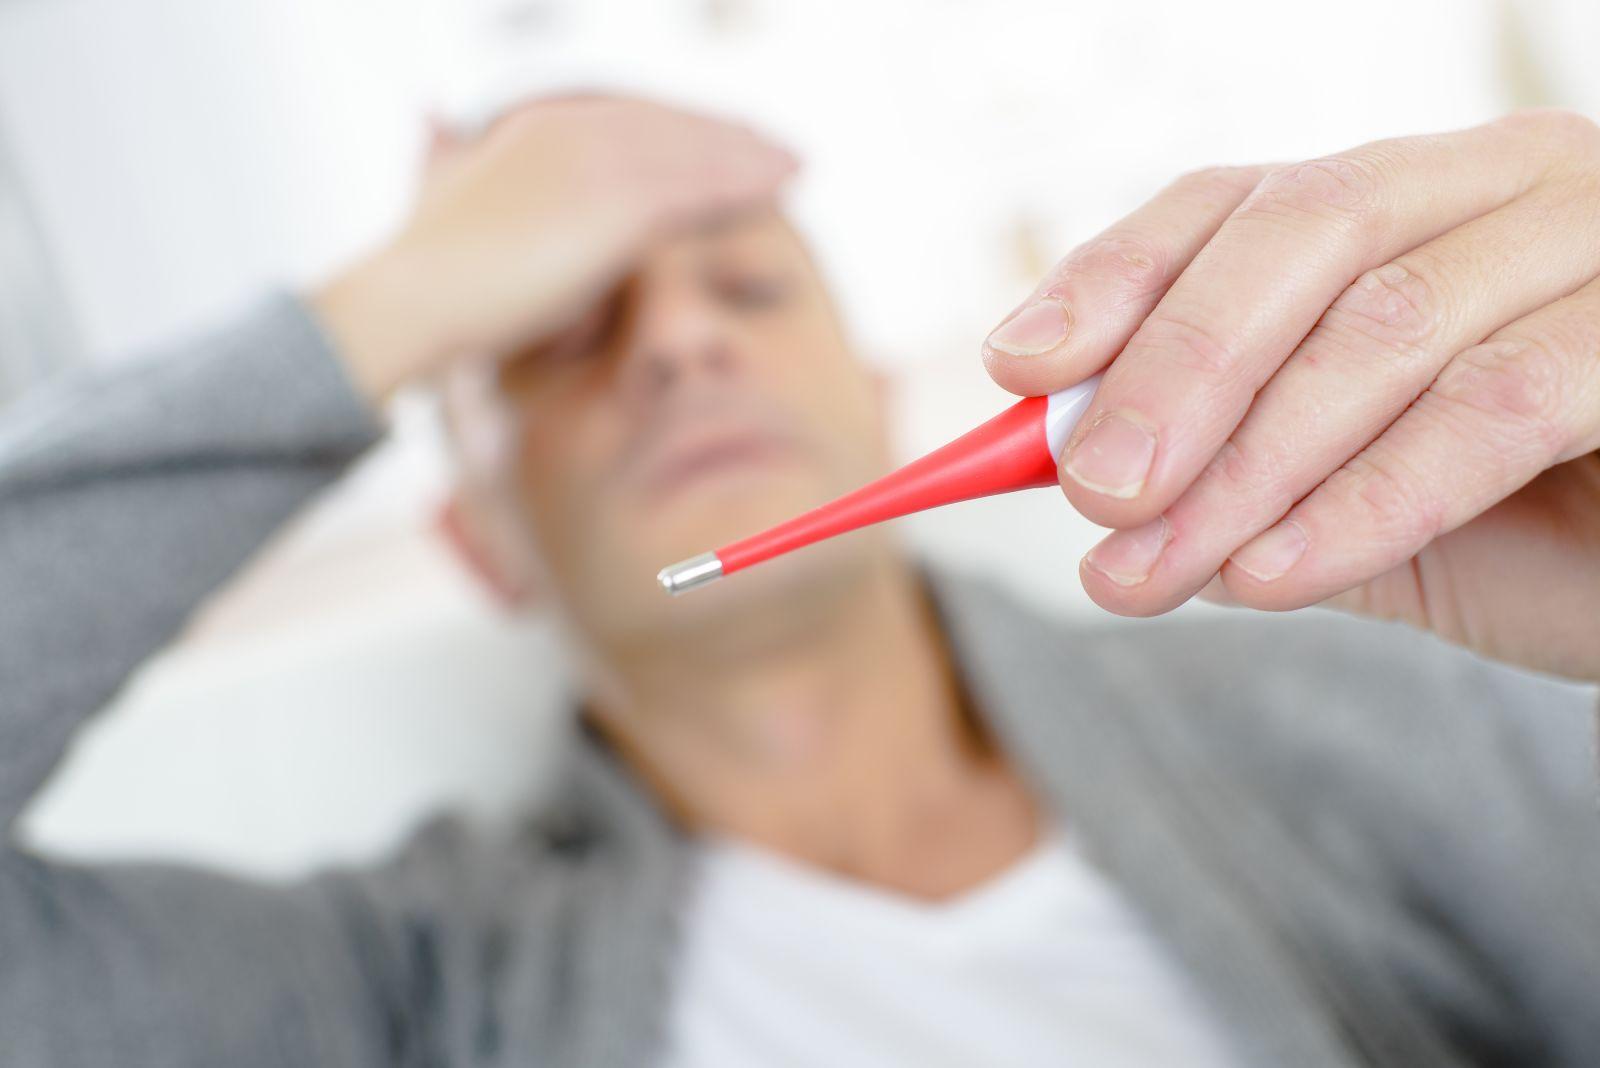 Лихорадка - высокая температура тела